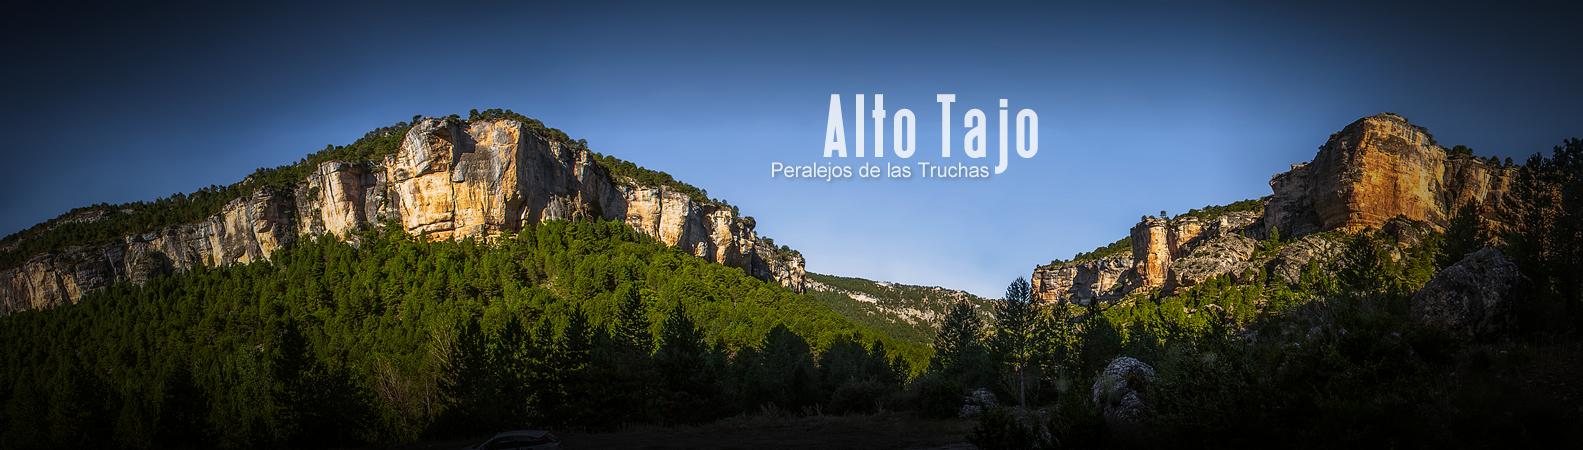 Alto Tajo - Peralejos de las Truchas